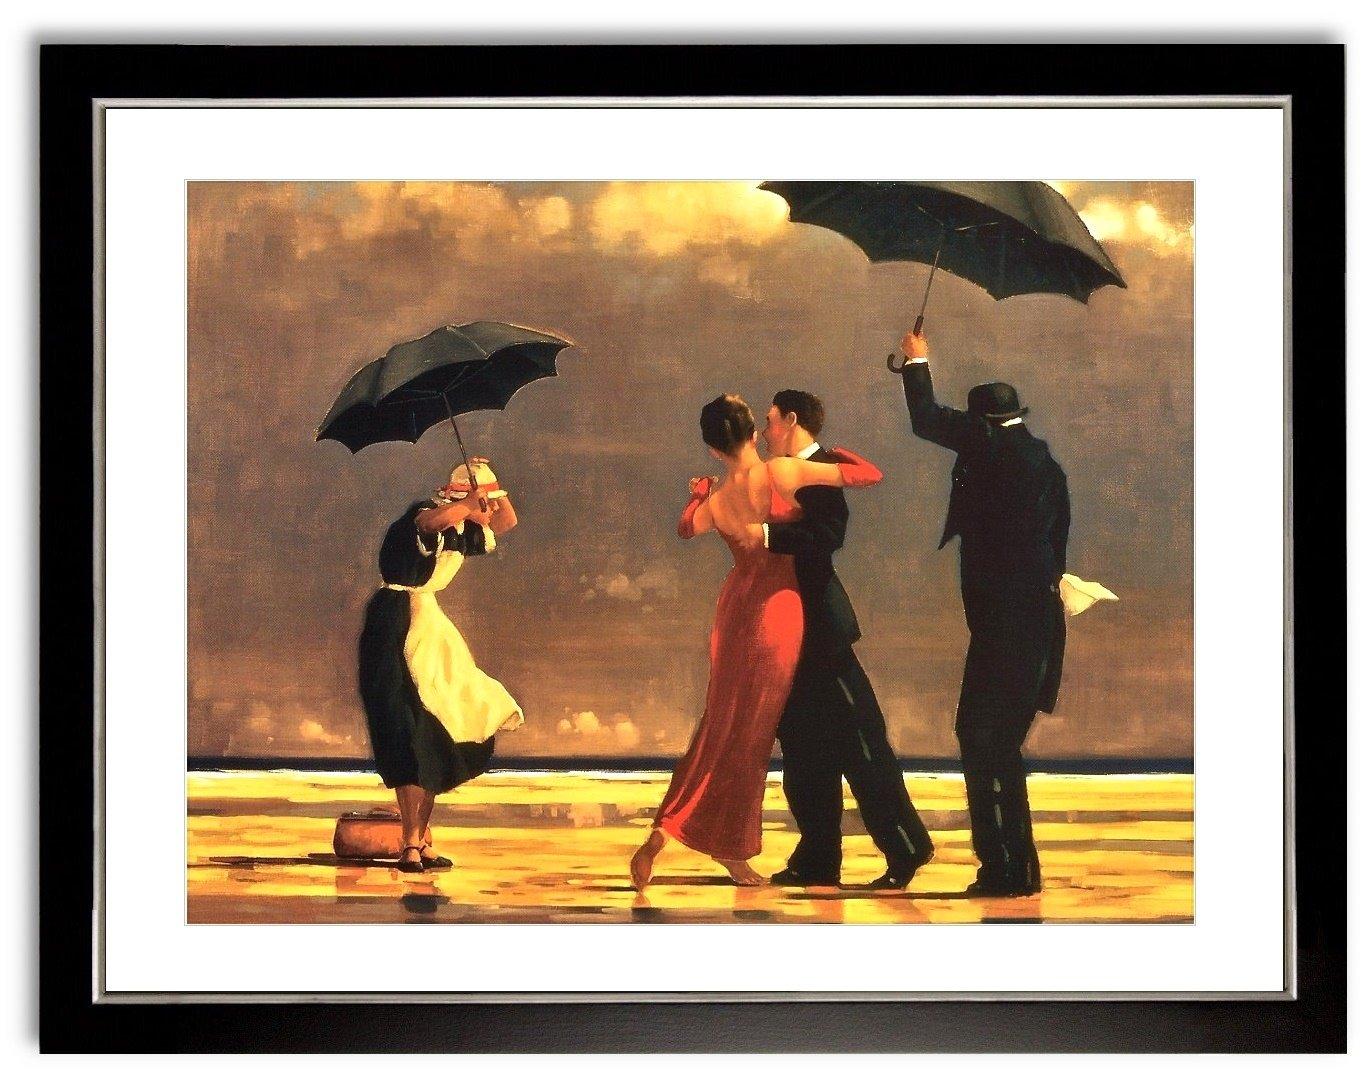 Poster Kunstdruck Bild Jack Vettriano The Singing Butler mit Rahmen PREIS-HIT